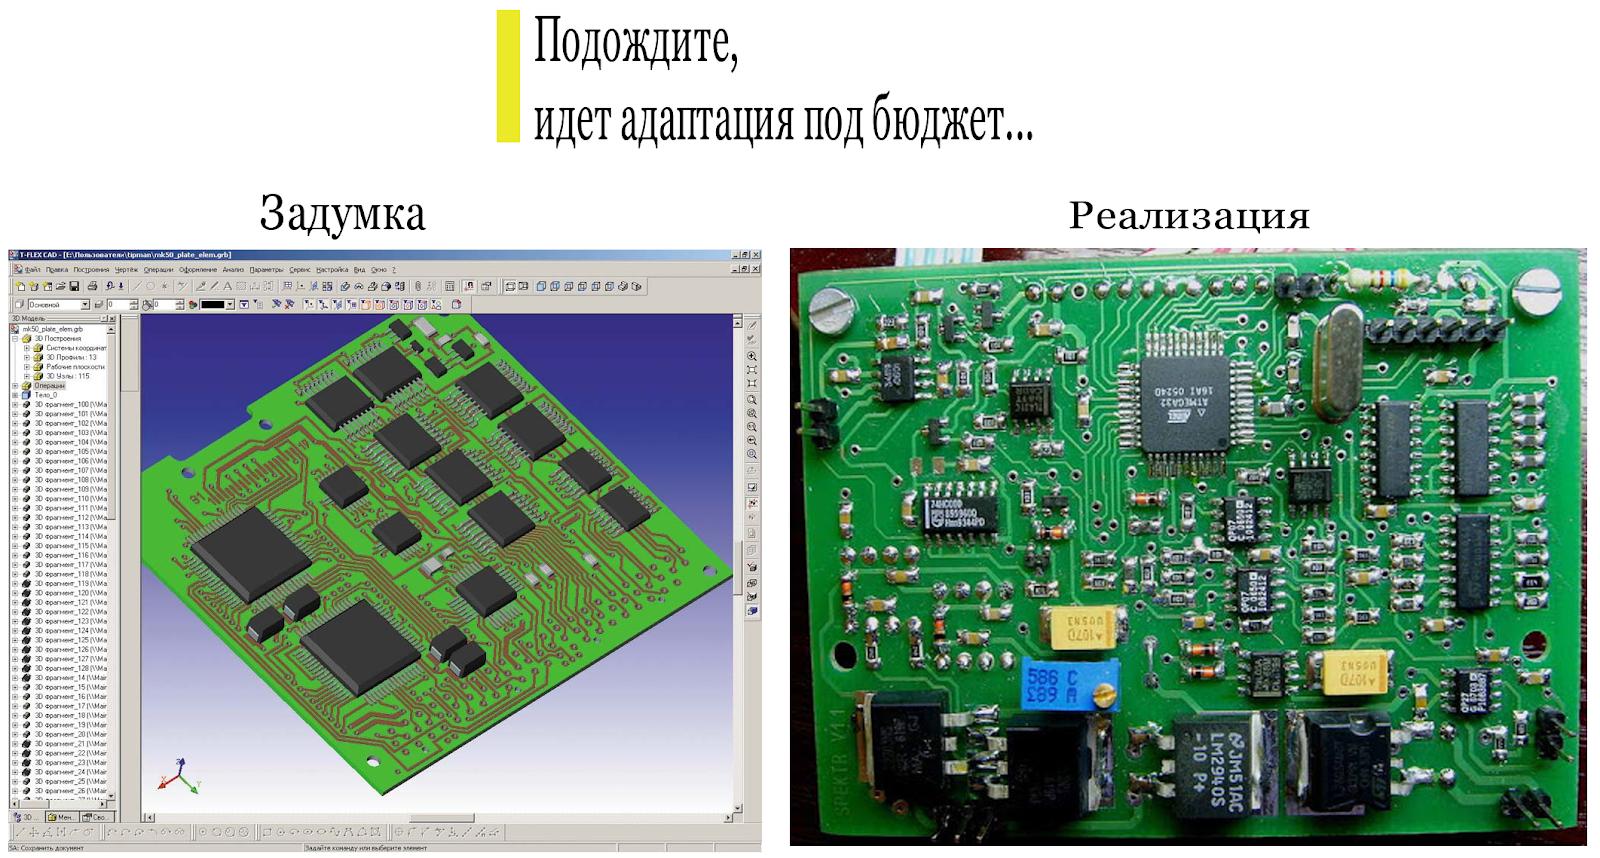 прототип электронной платы